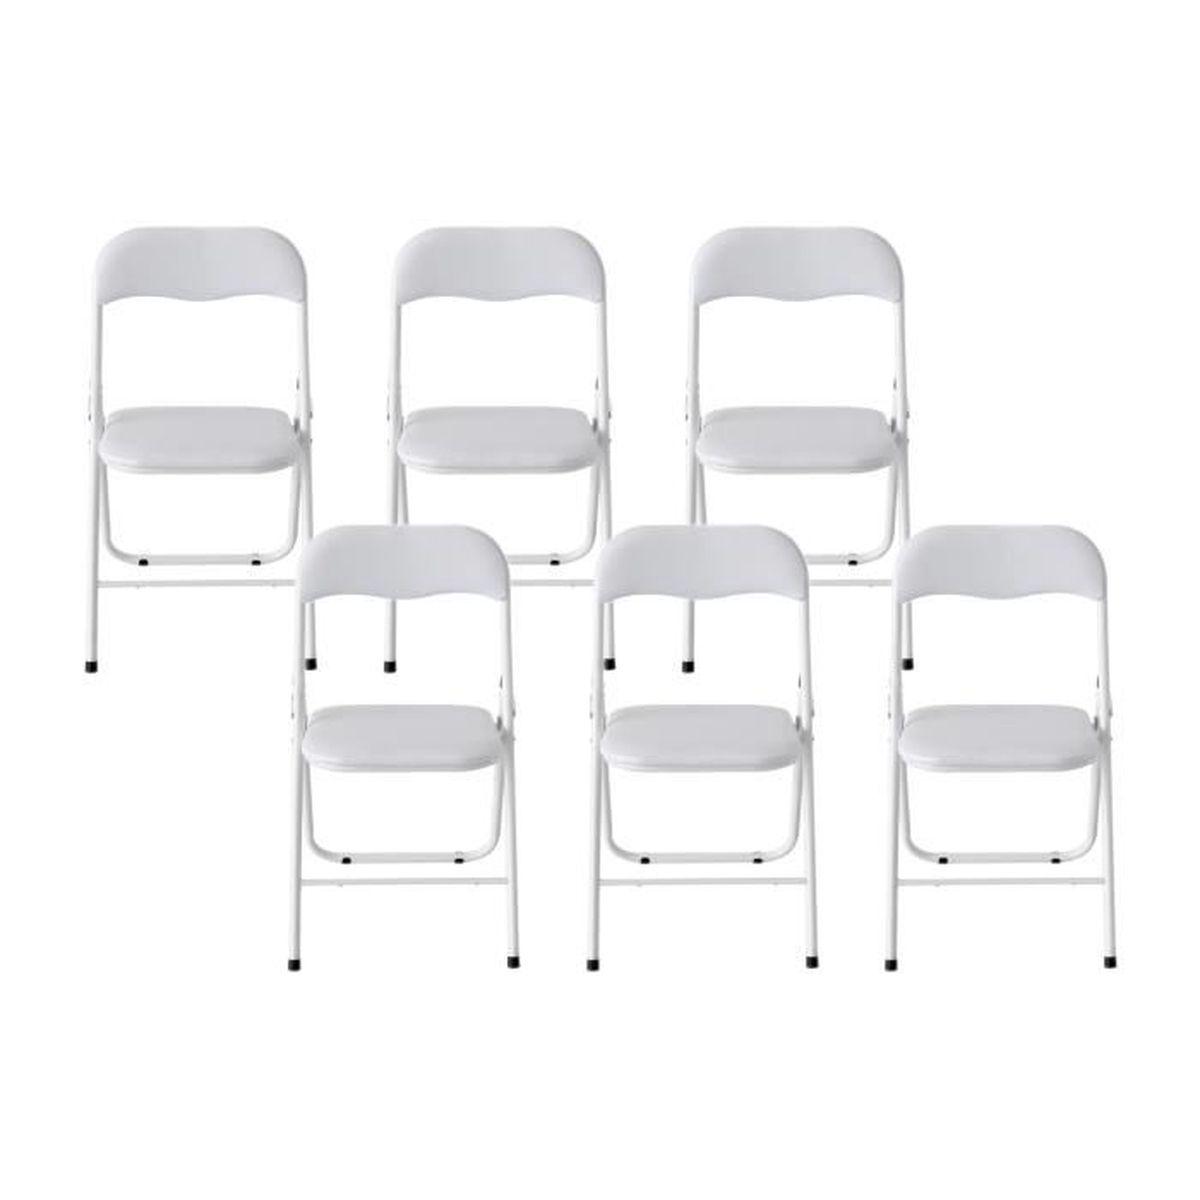 Chaises de salle a manger pliante achat vente chaises for Chaise de salle a manger pliante